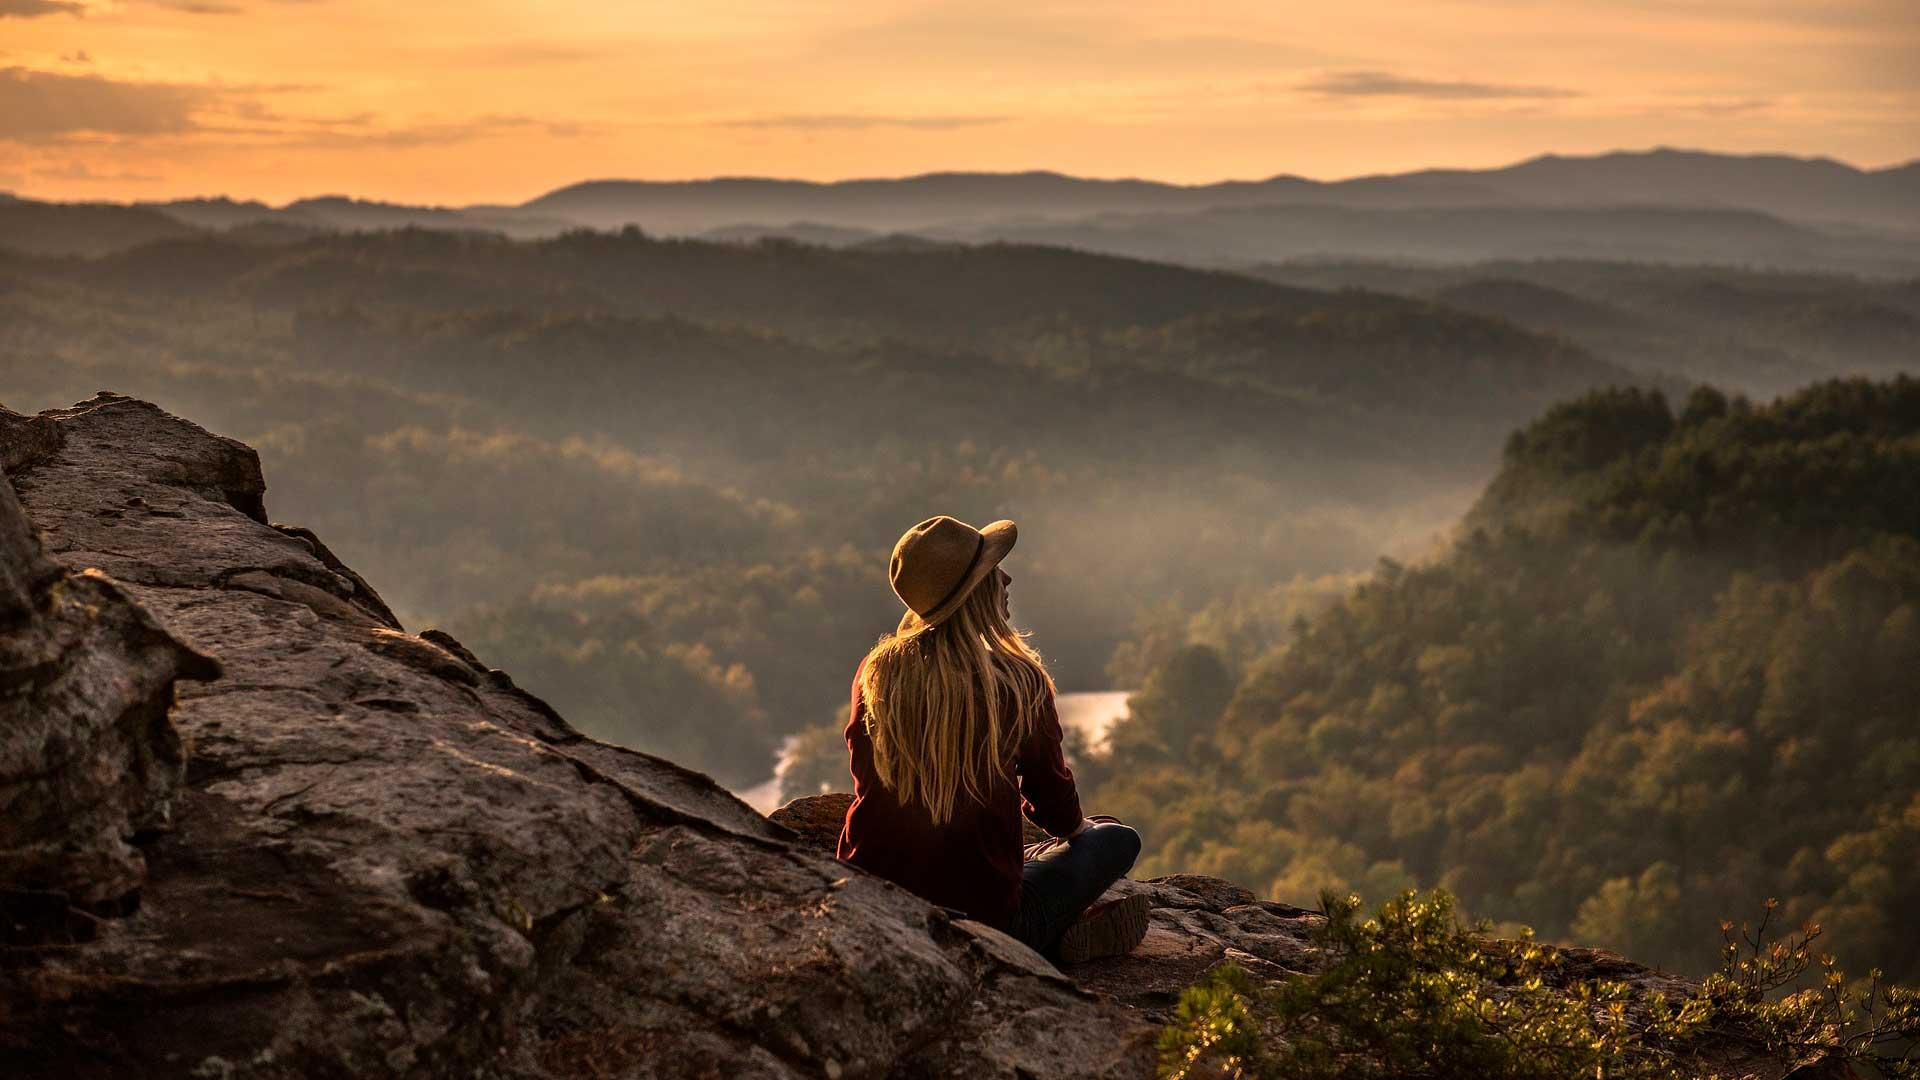 Mulher sentada em montanha observando o pôr do sol no horizonte